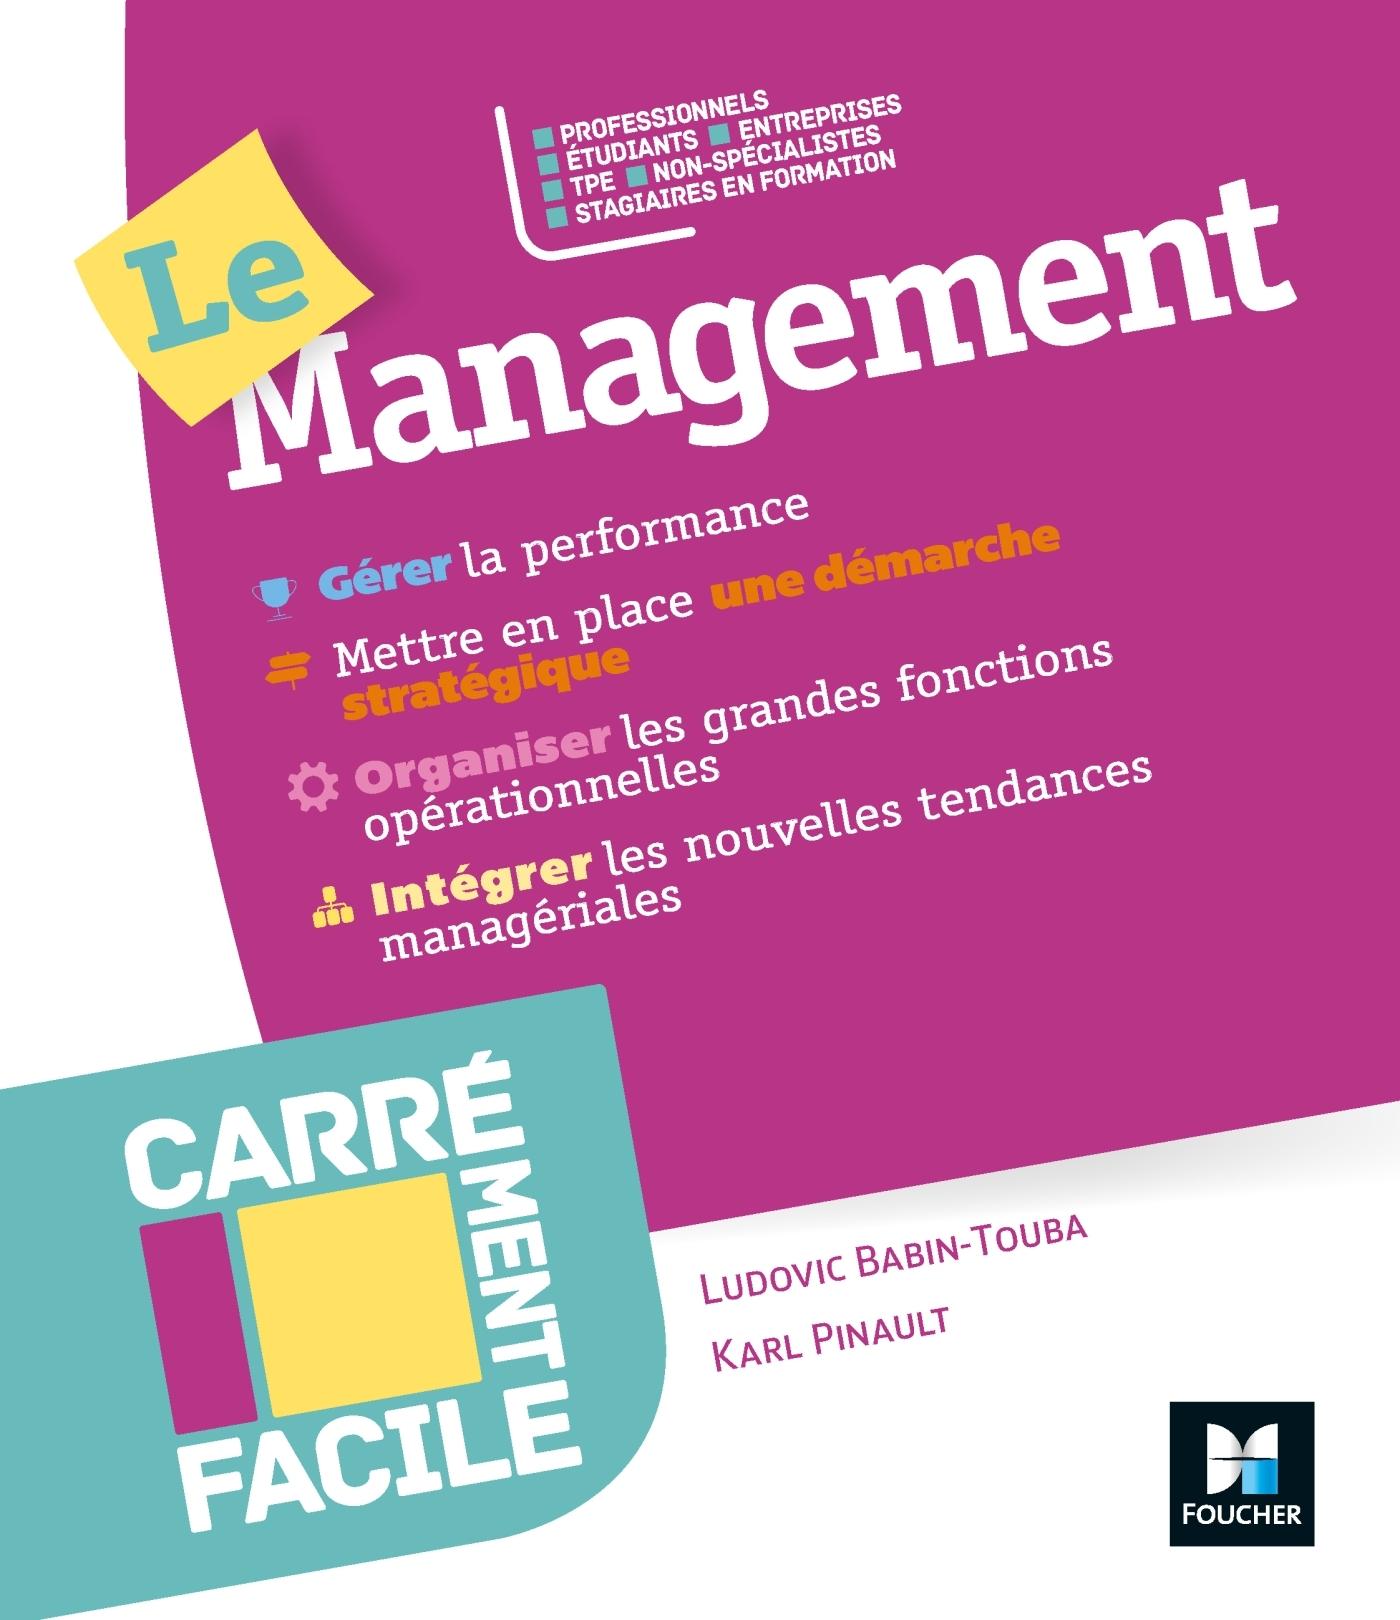 CARREMENT FACILE - LE MANAGEMENT - PROFESSIONNELS, TPE, NON SPECIALISTES, ETUDIANTS